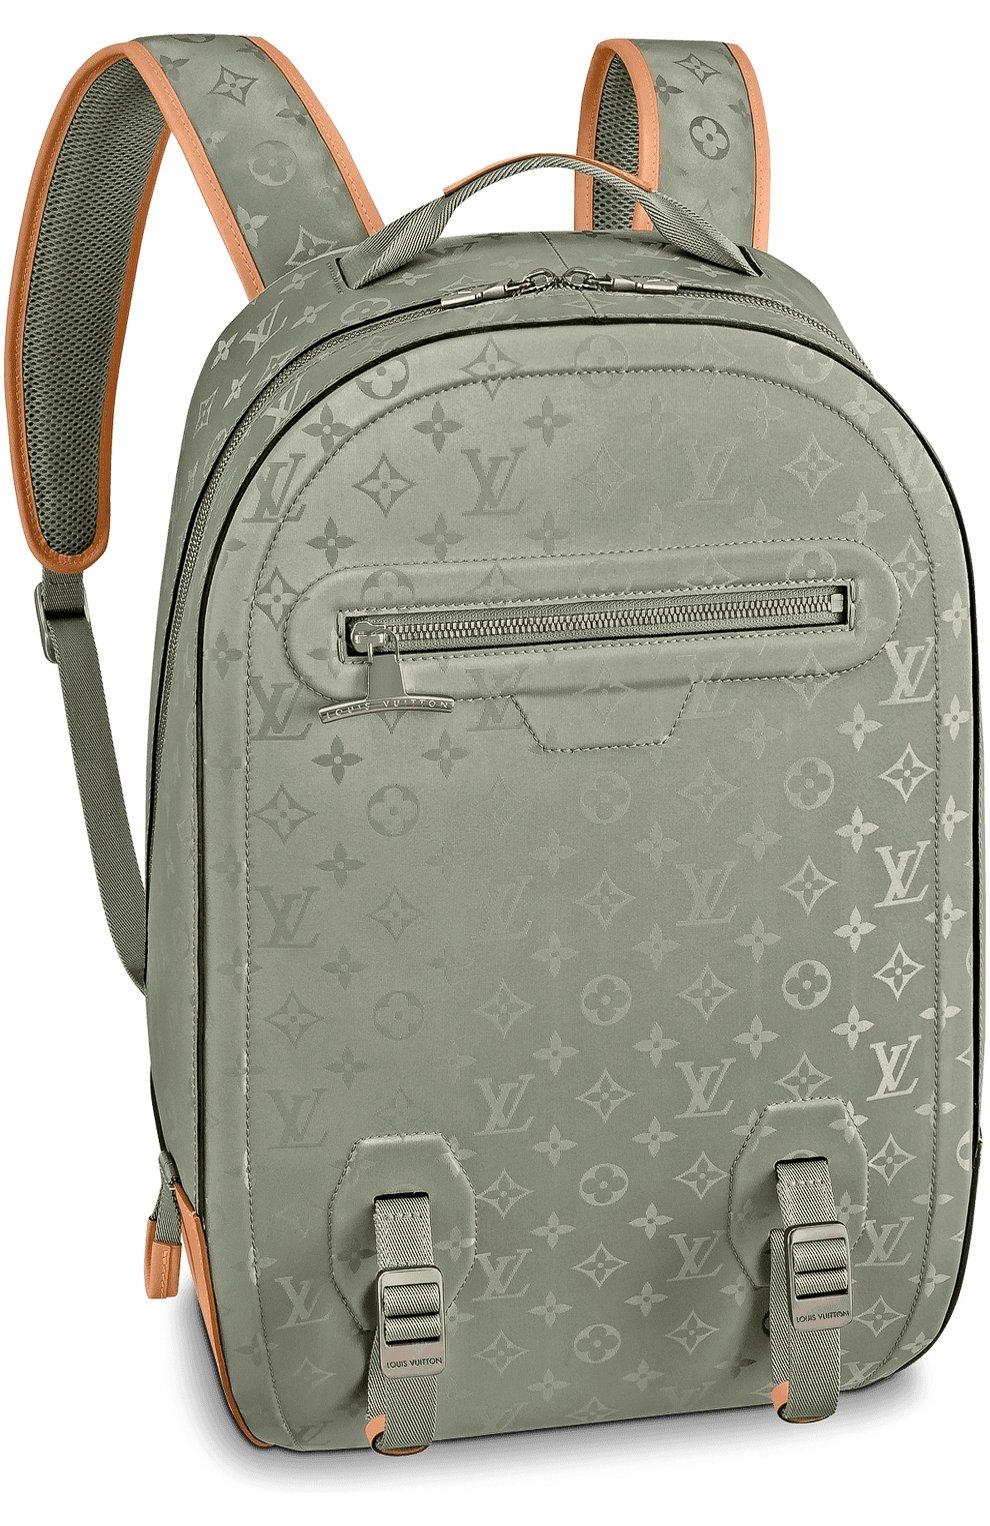 4dc6caa8e29e Мужские сумки Louis Vuitton по цене от 59 000 руб. купить в  интернет-магазине ЦУМ